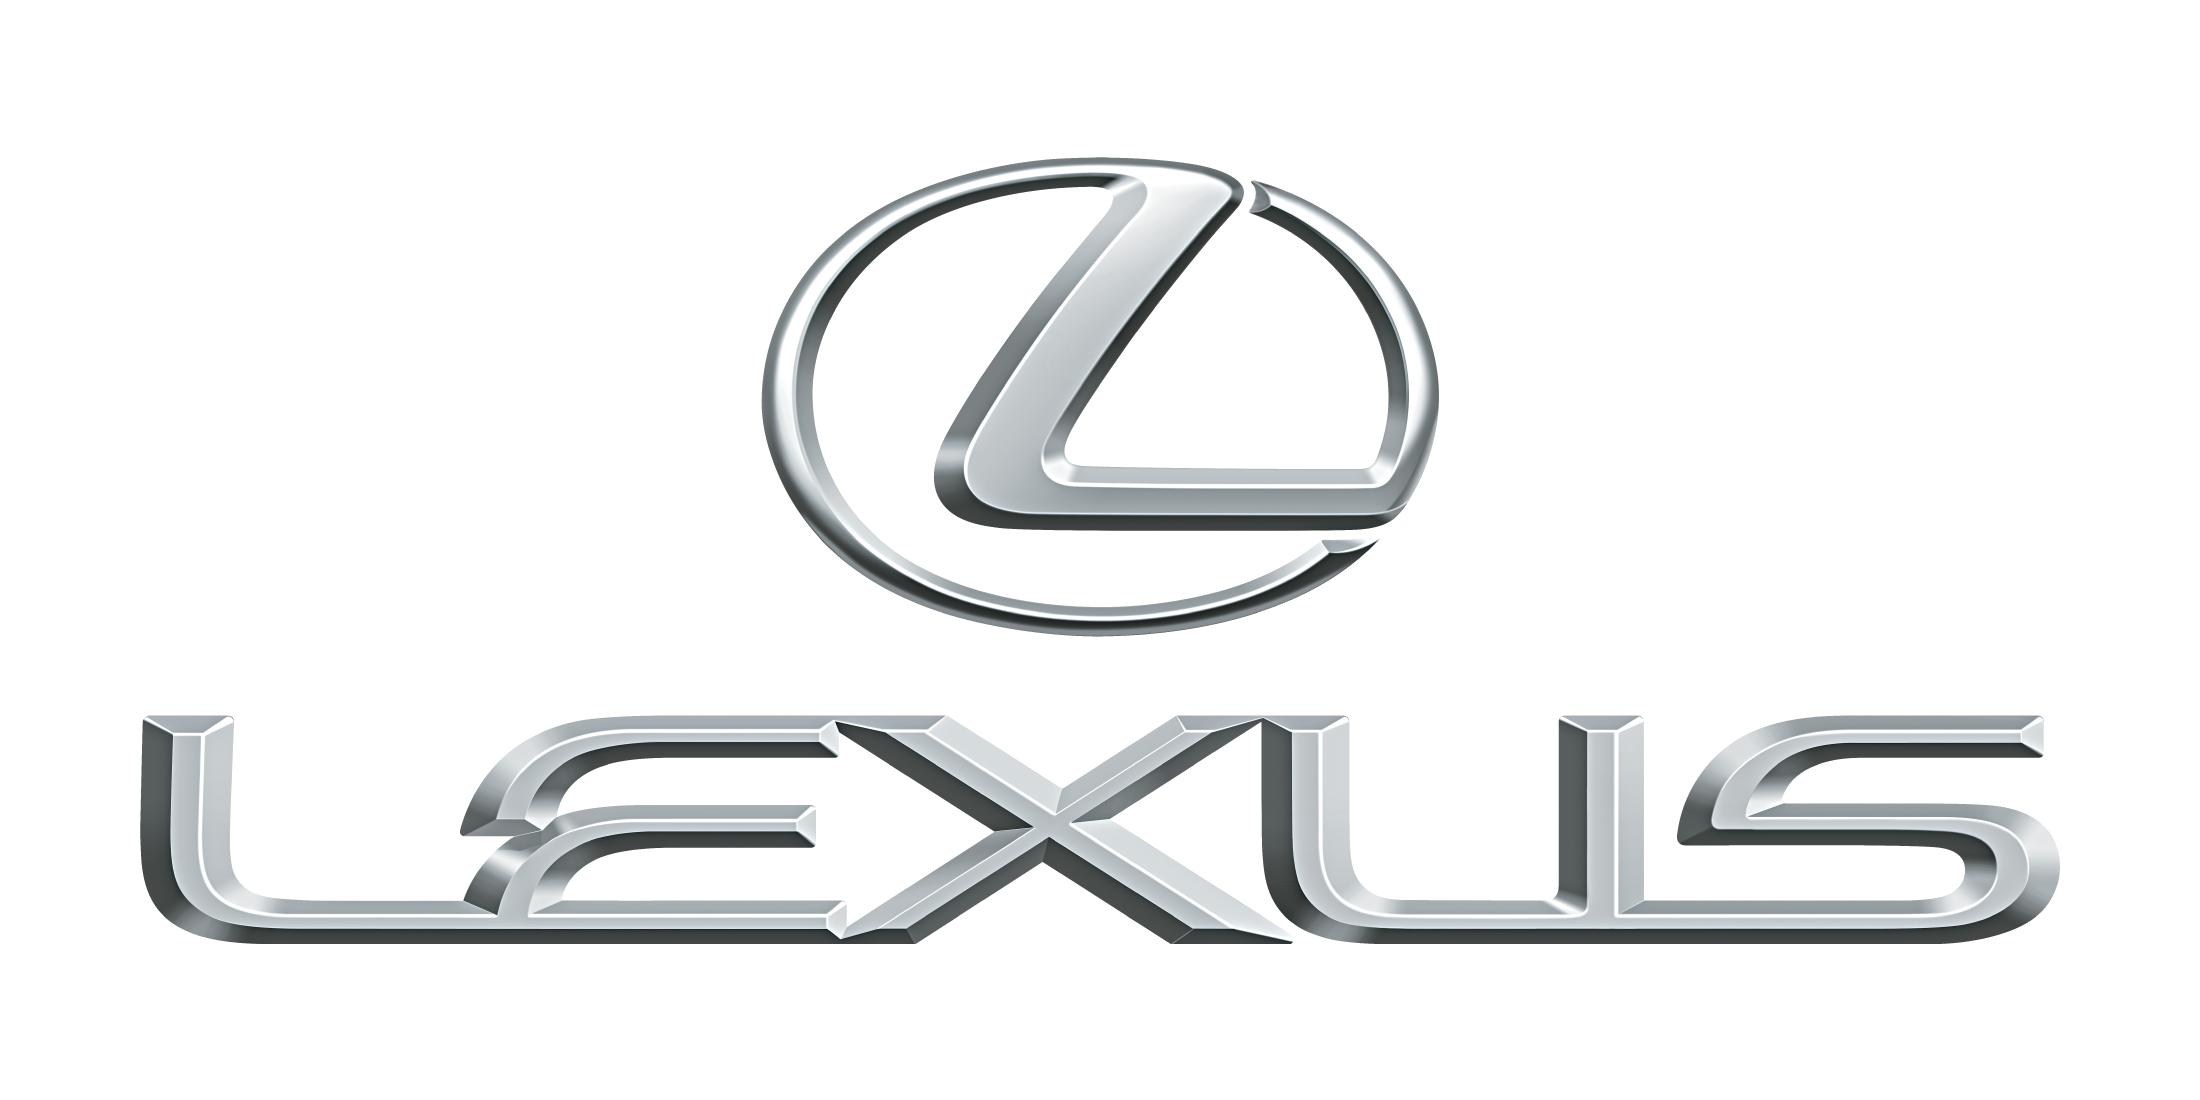 car_logo_PNG1651